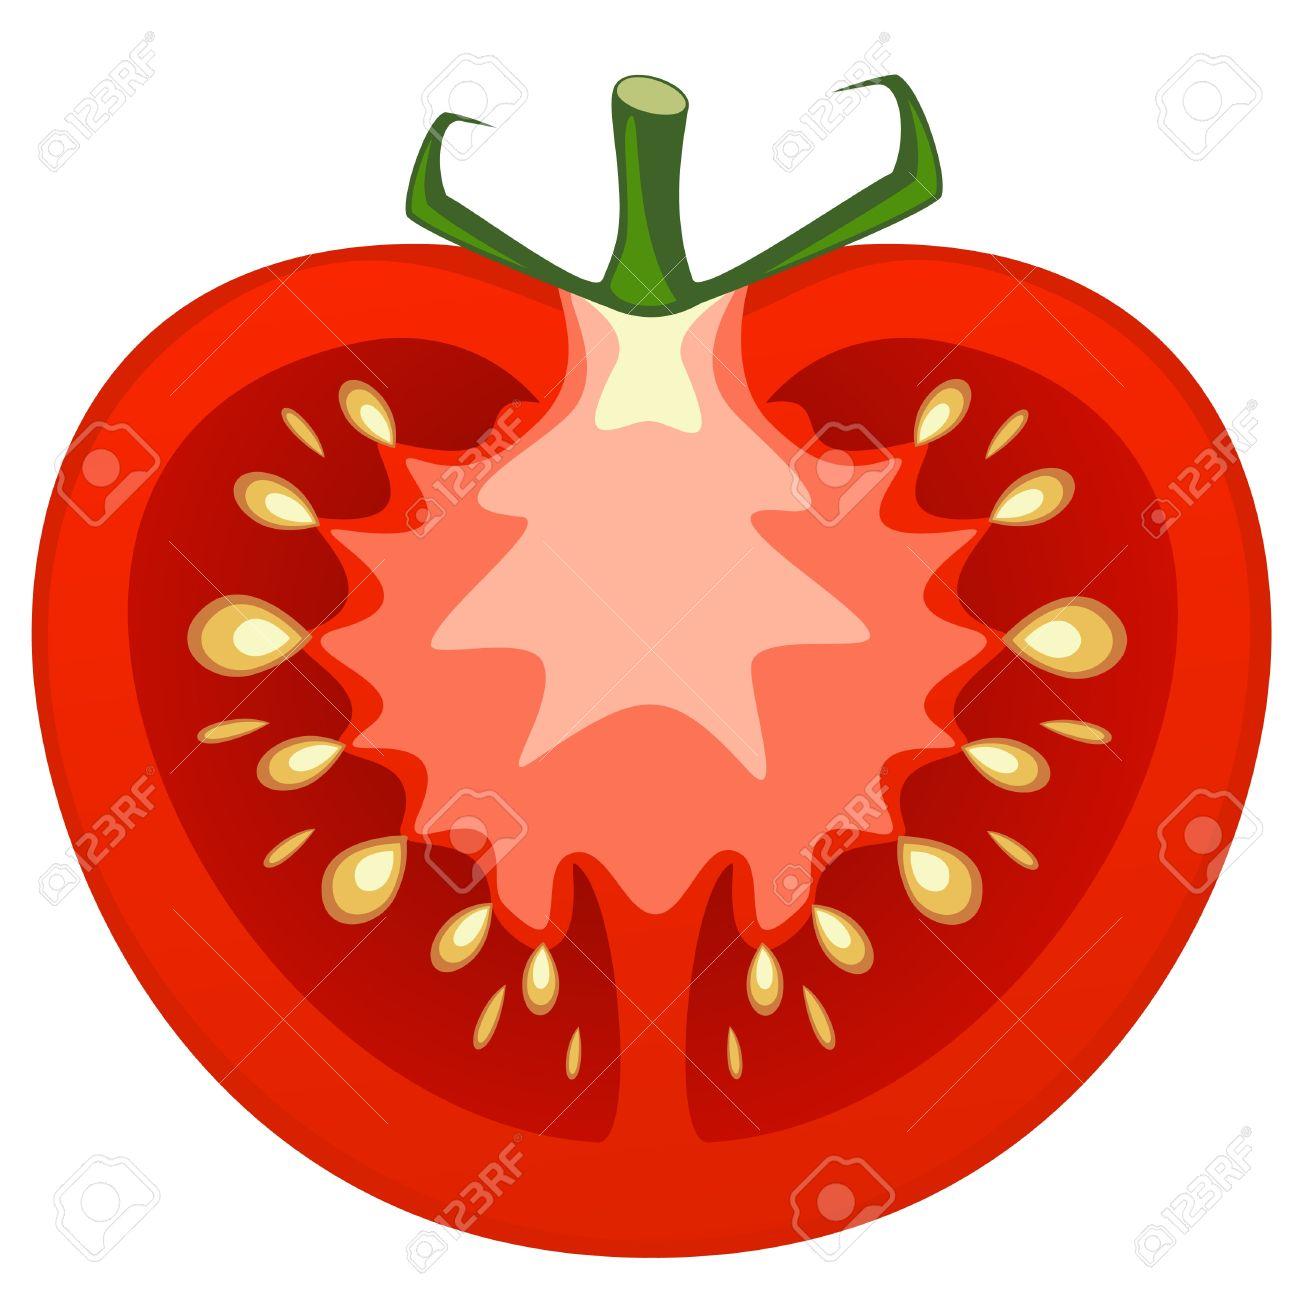 Cut tomato clipart.